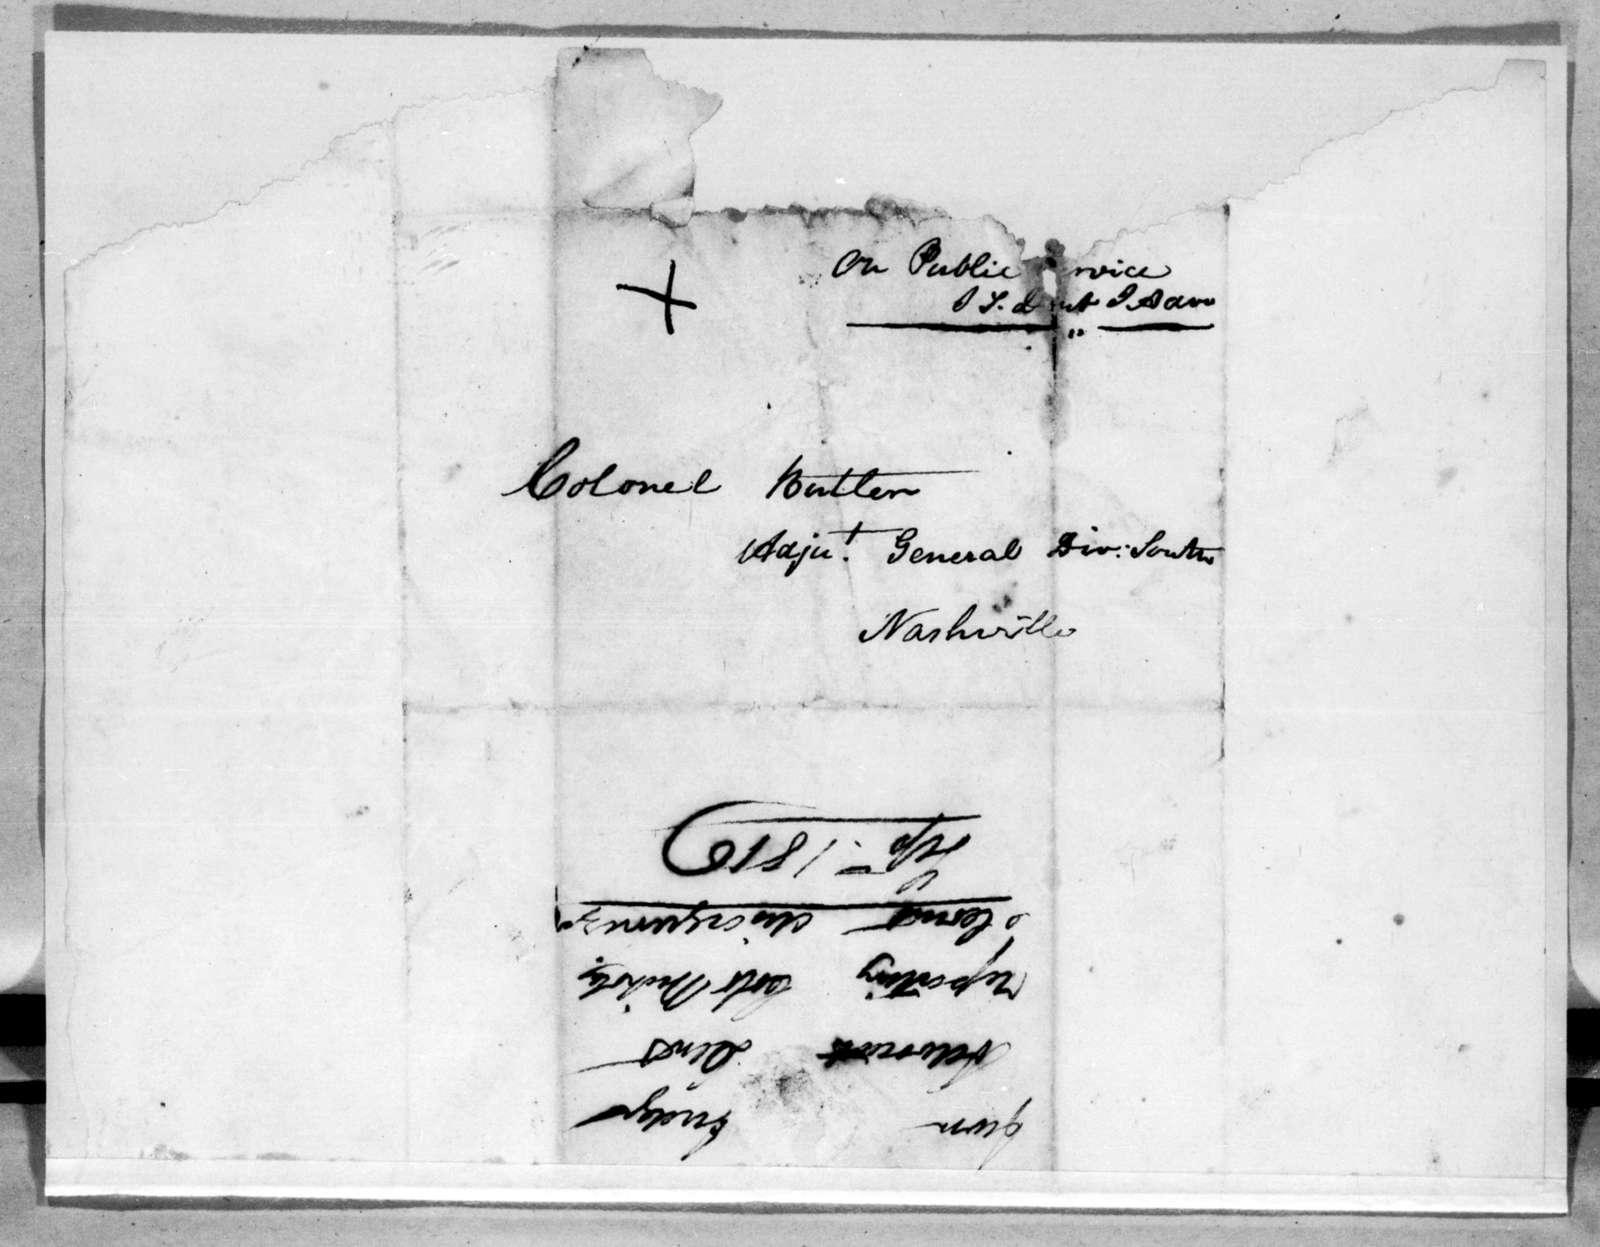 James T. Dent to Robert Butler, September 19, 1816